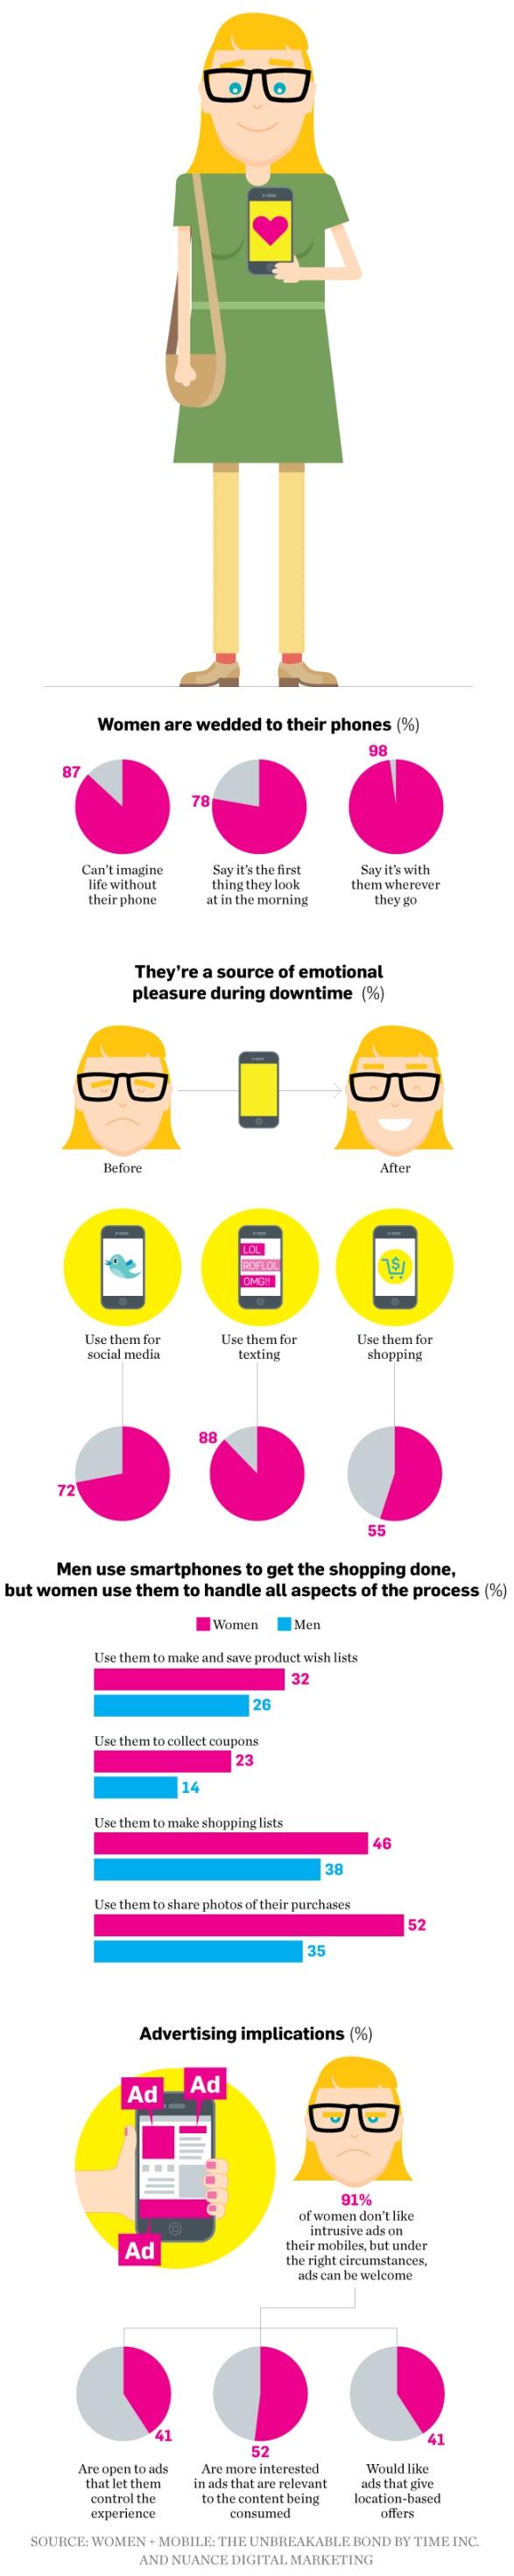 data-Smartphones-women-01-2013